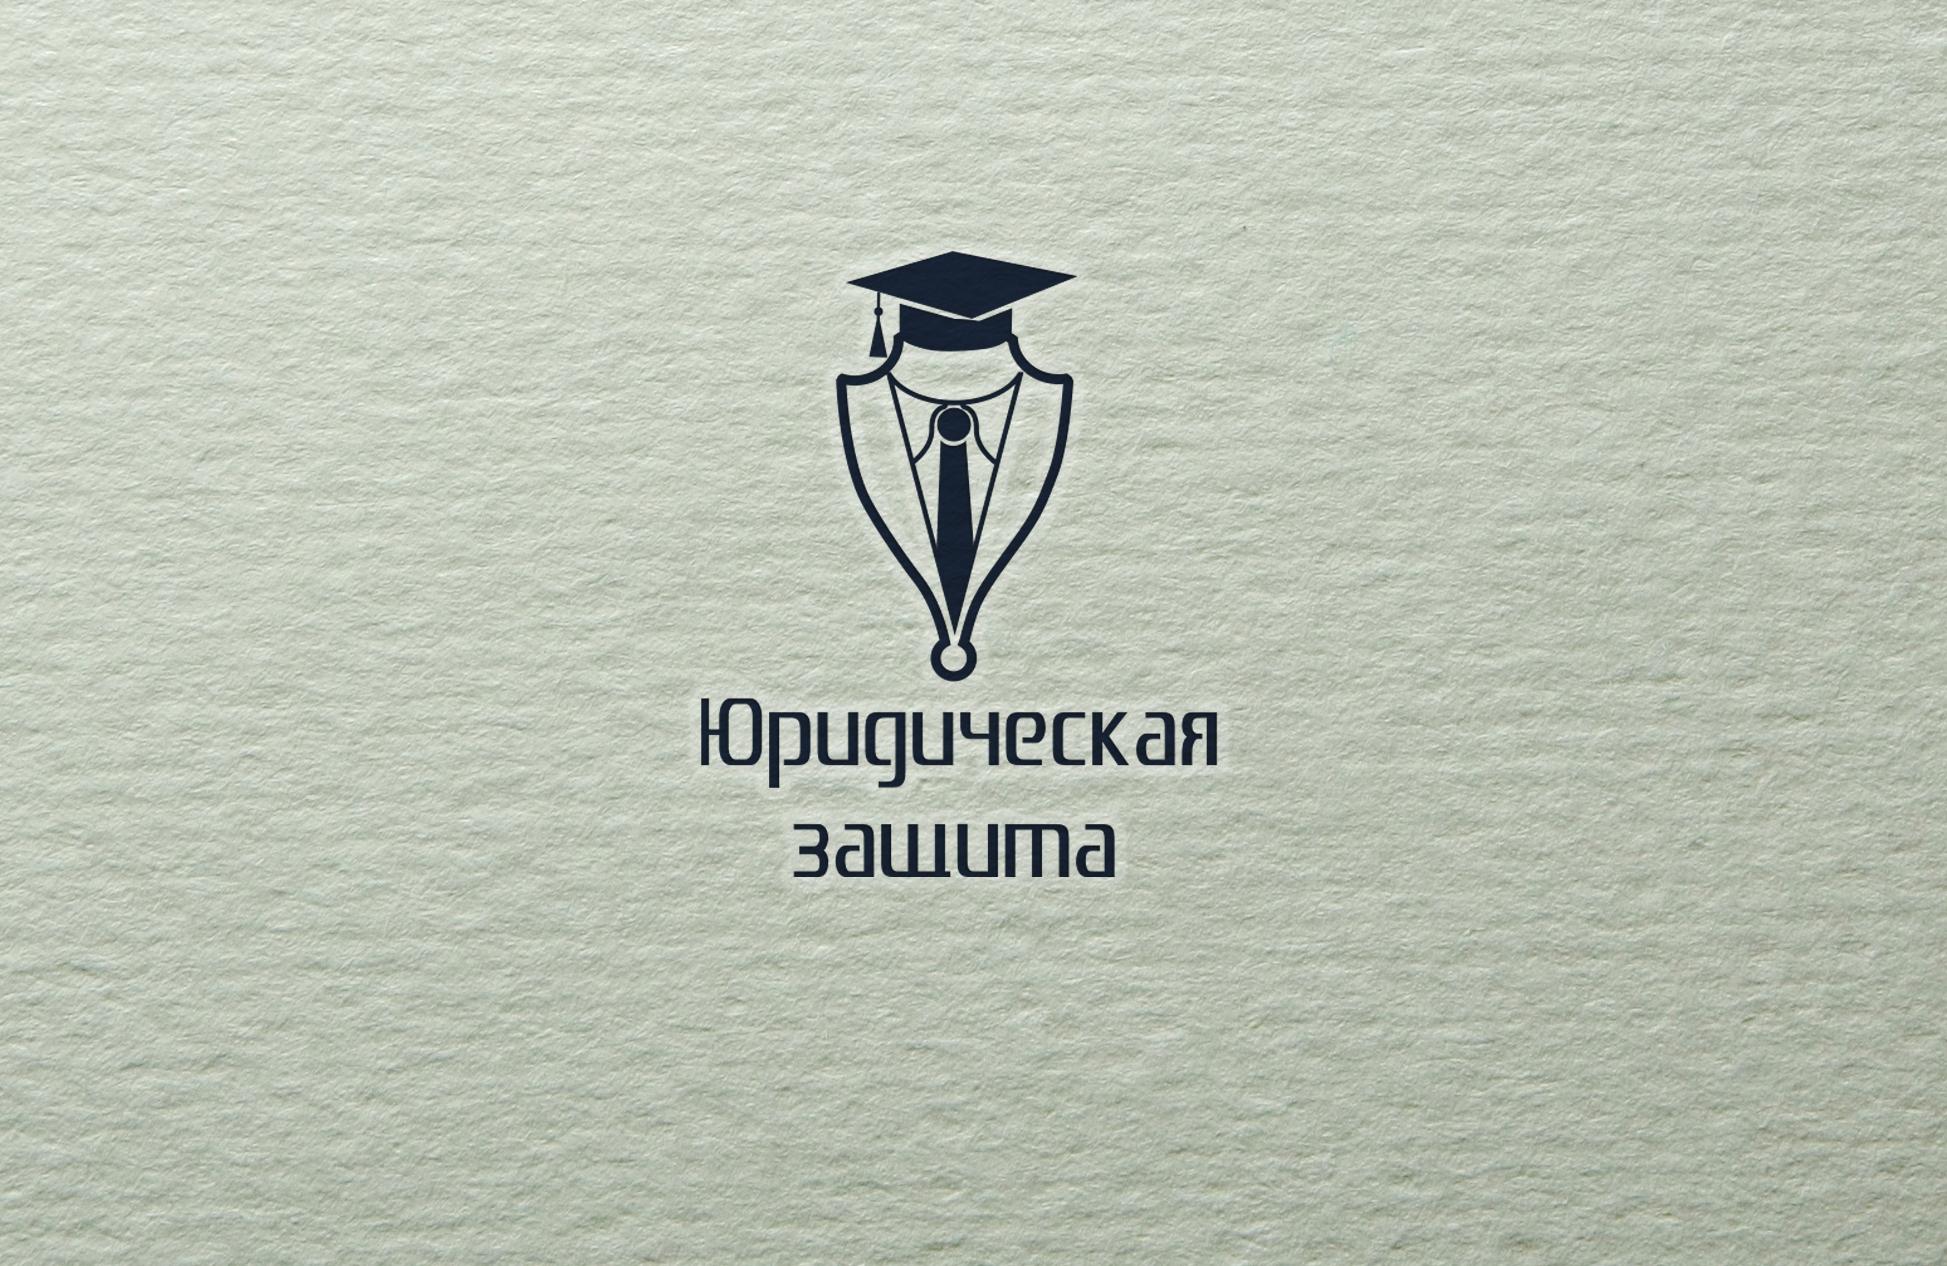 Разработка логотипа для юридической компании фото f_94655e04aa32228f.jpg